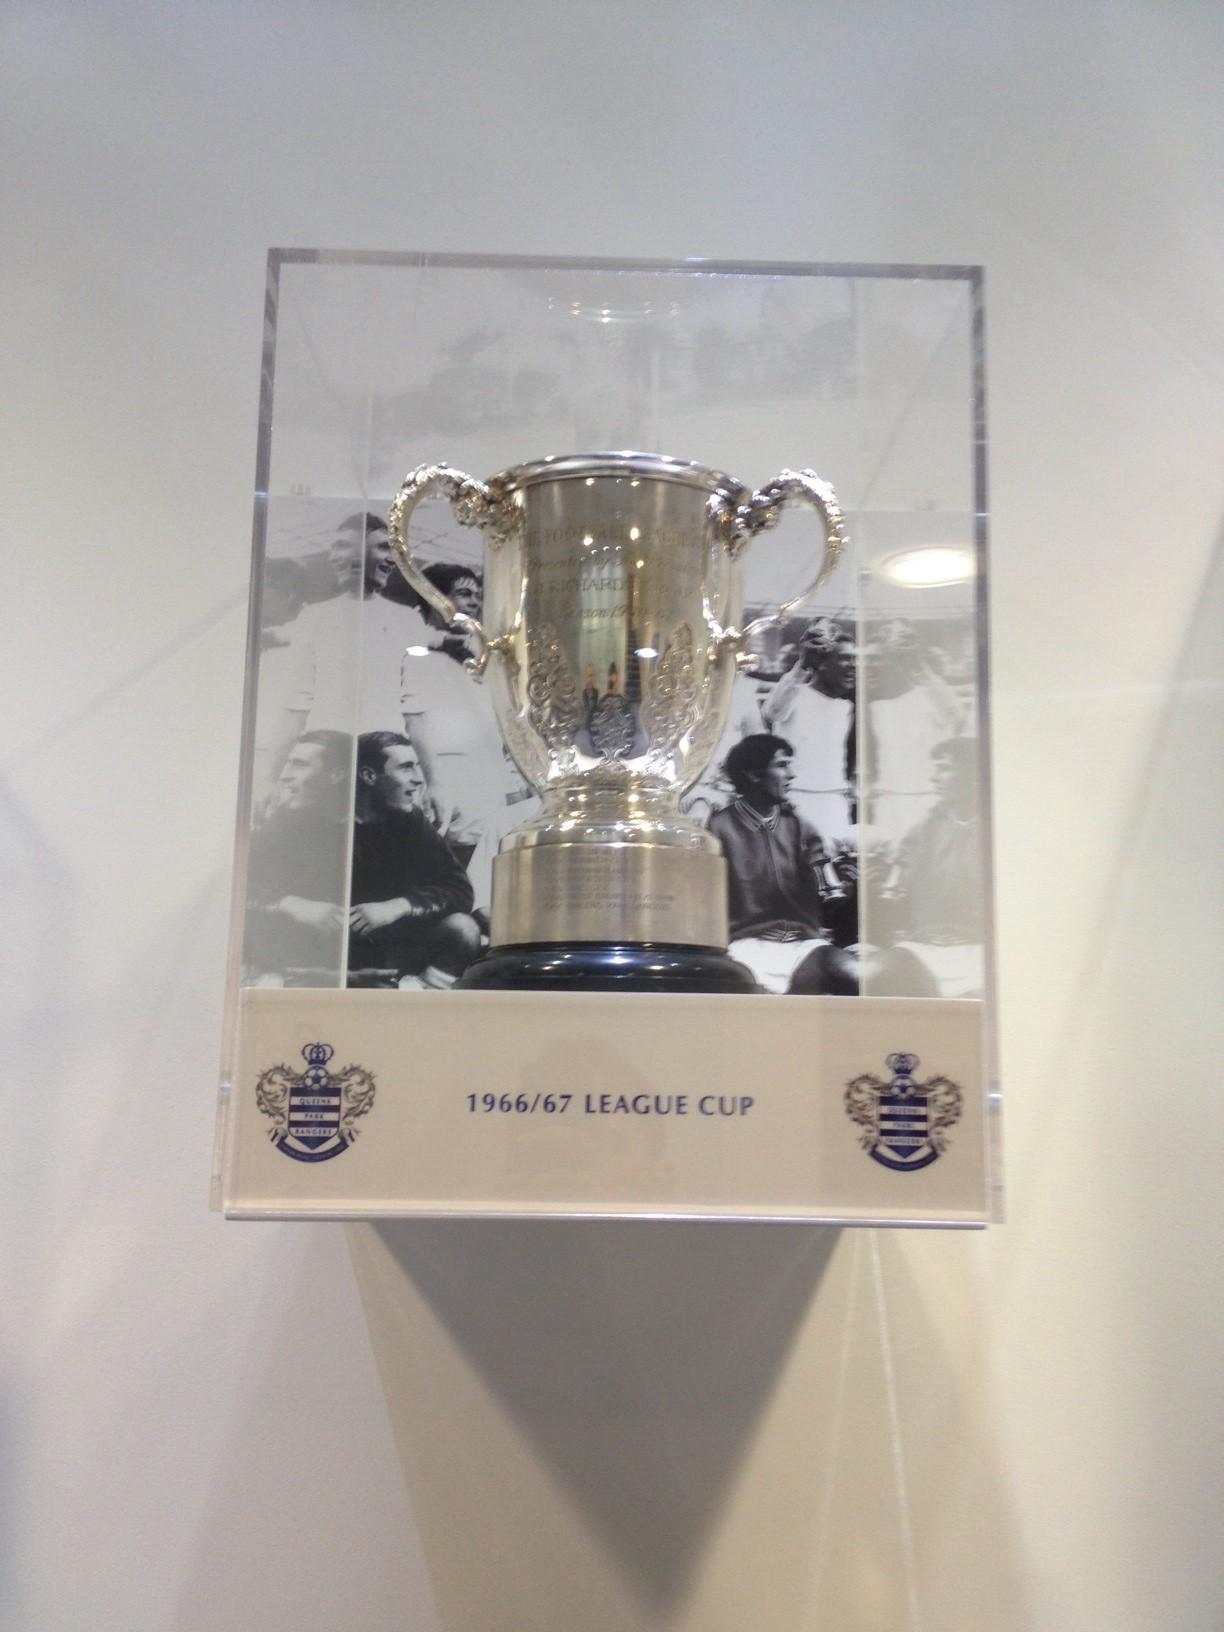 1967 League Cup trophy